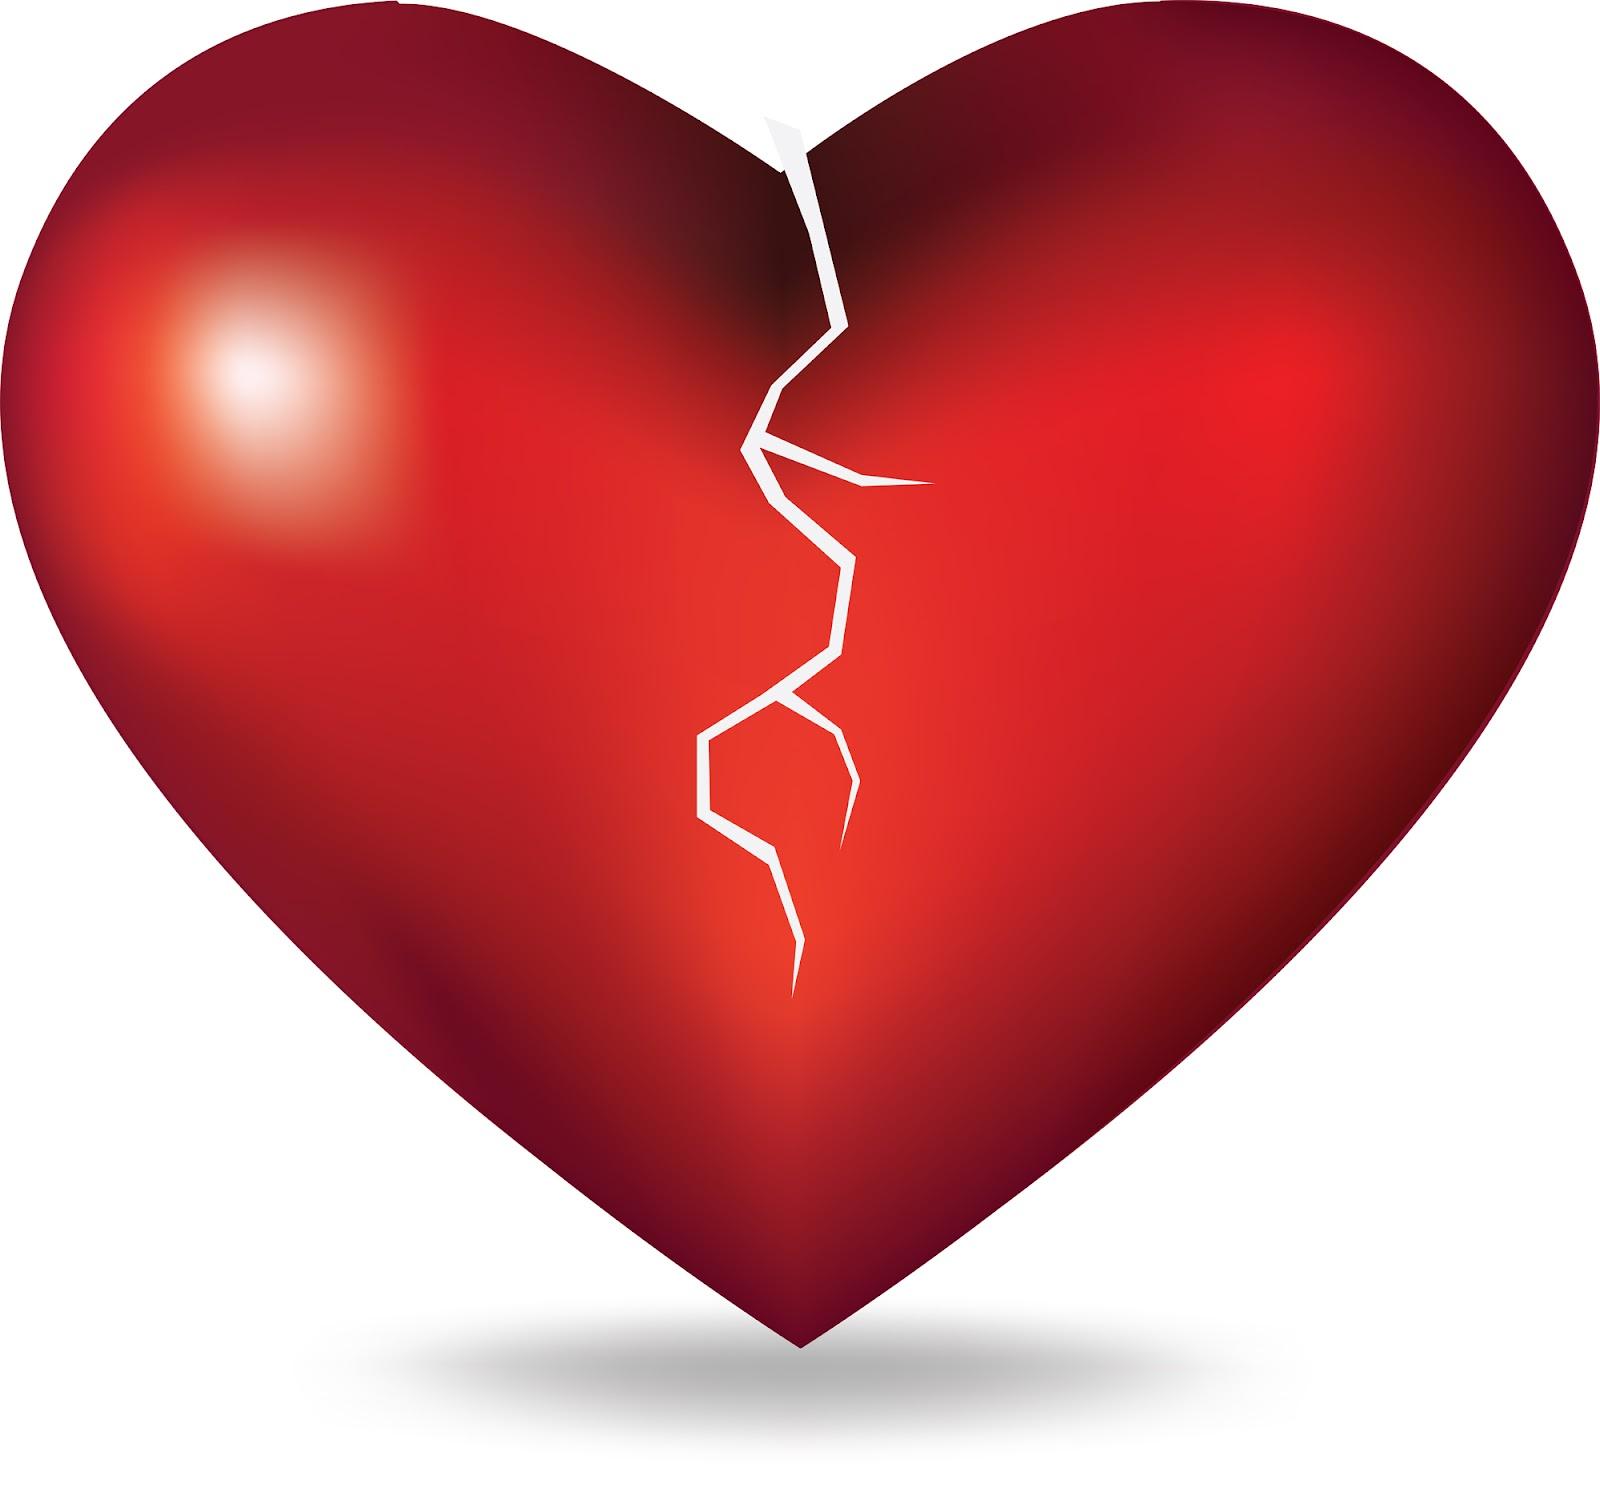 a broken heart |